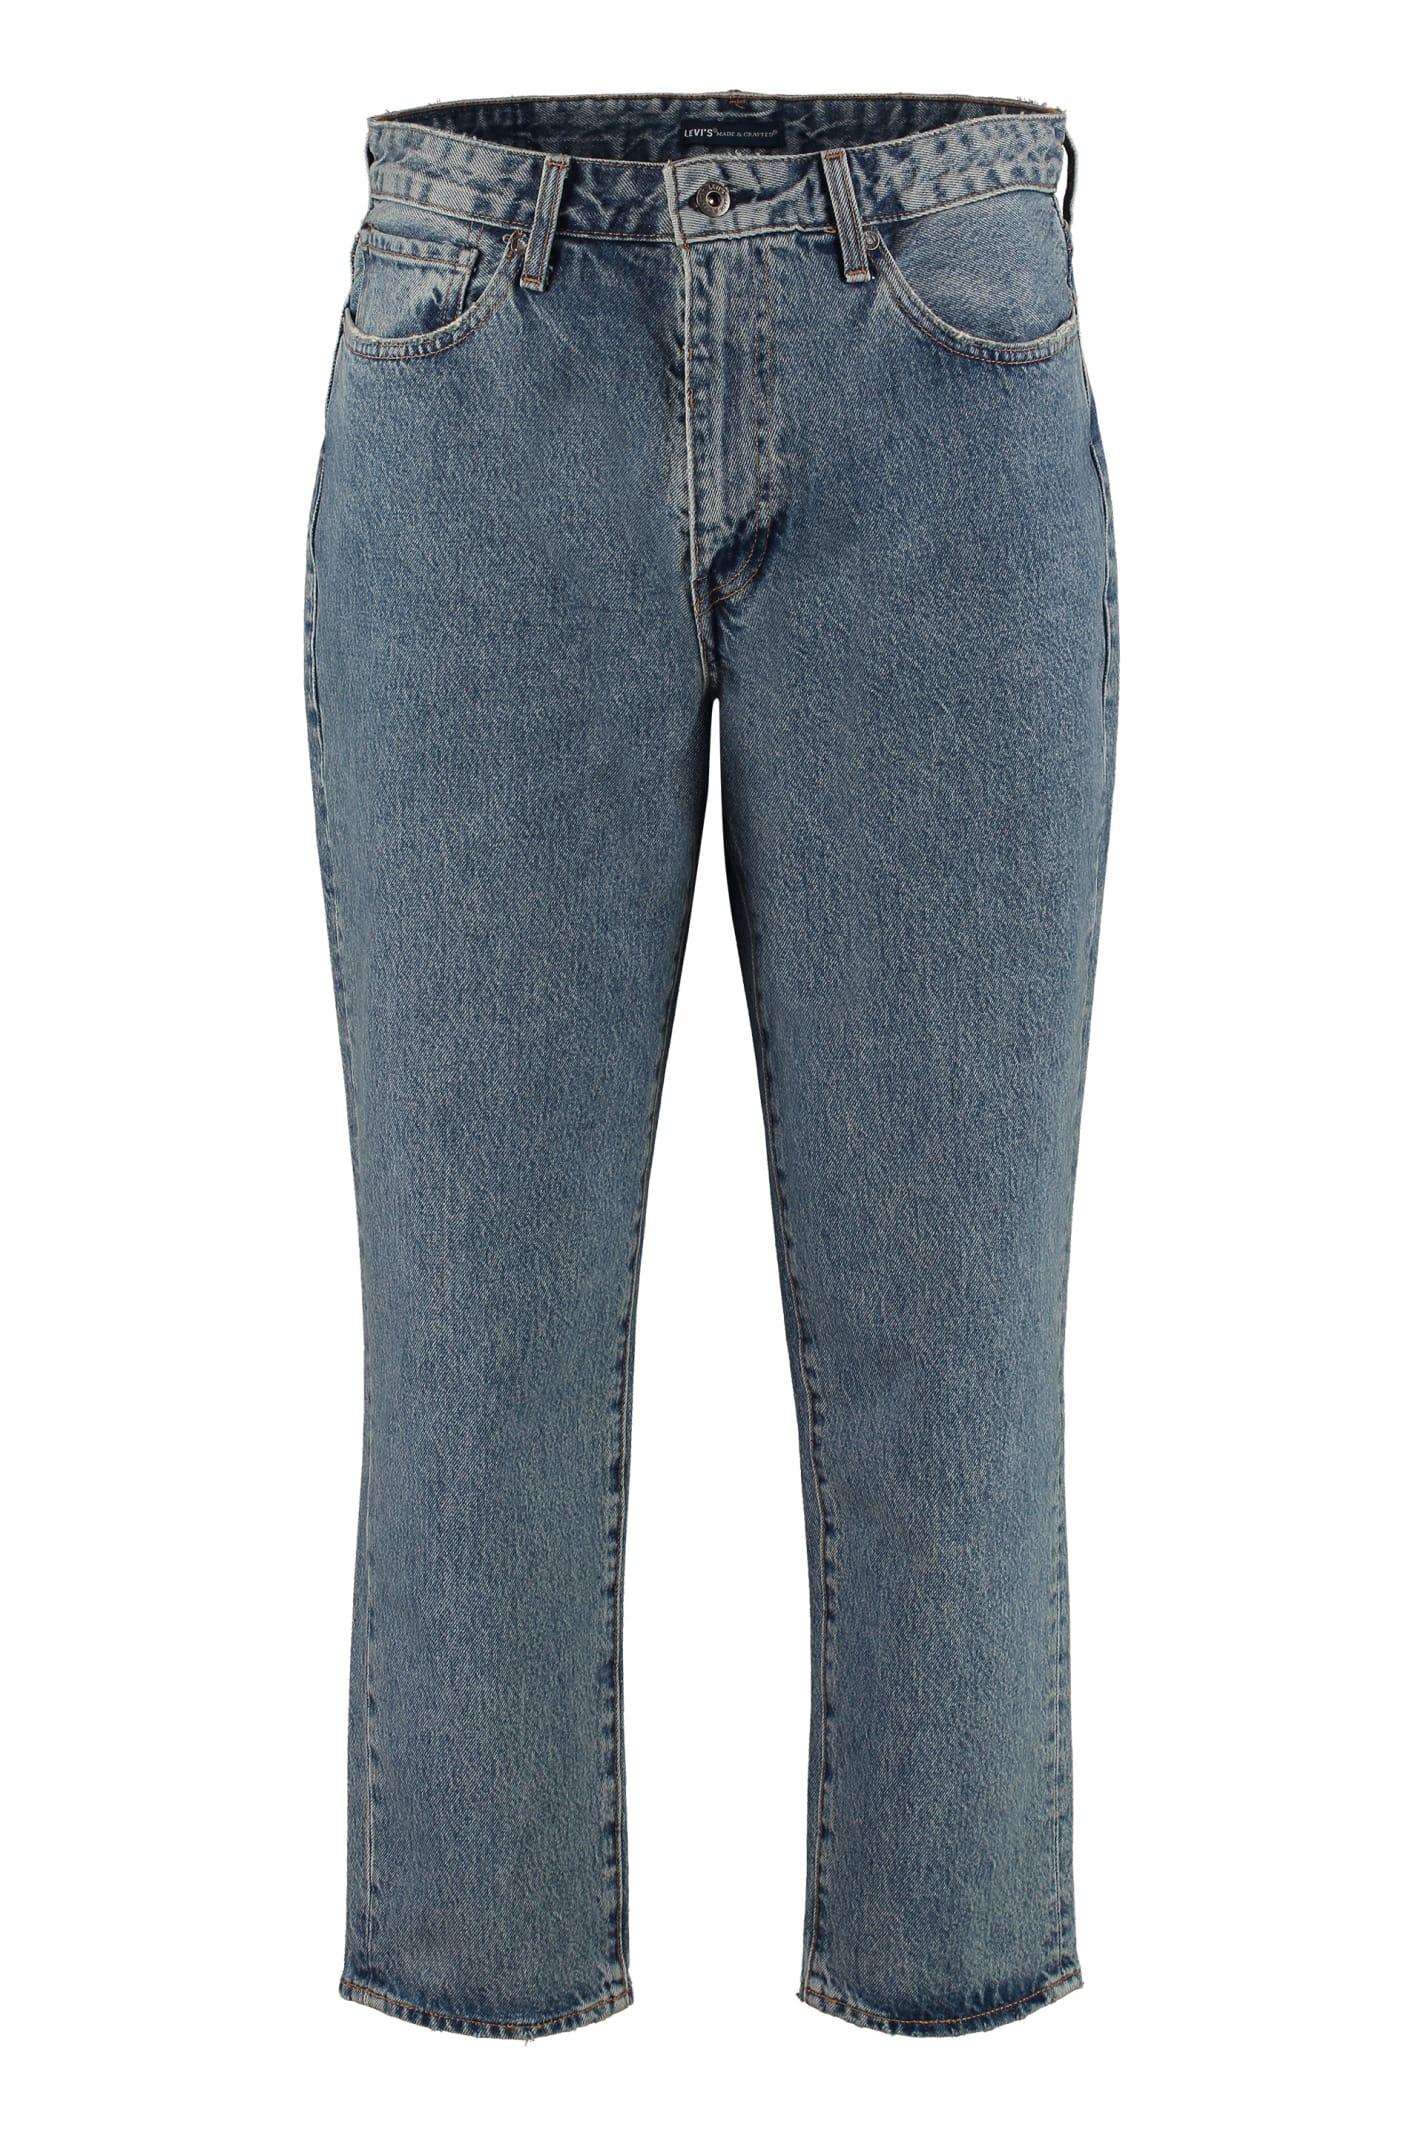 Levi's Draft Taper 5-pocket Jeans In Denim